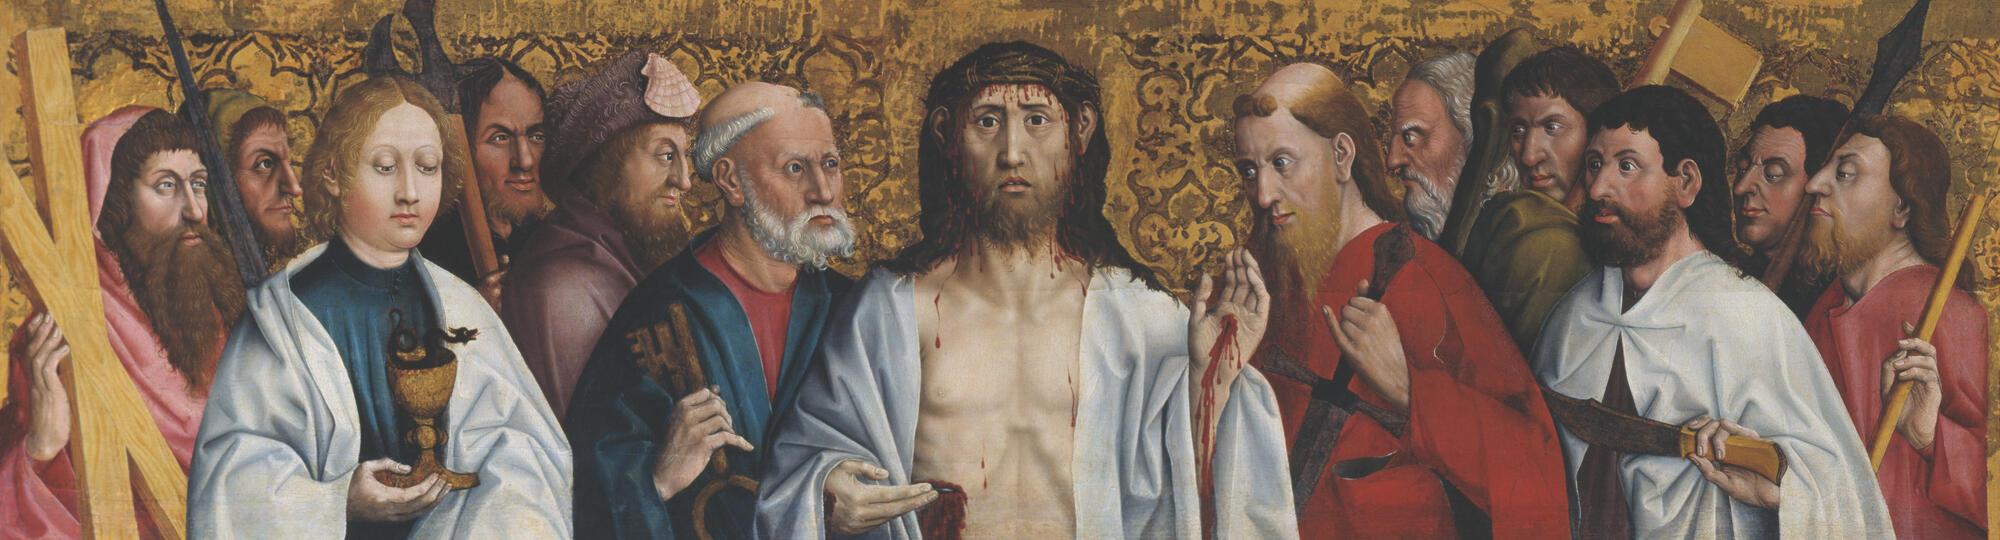 """""""Иисус и апостолы"""", работа неизвестного немецкого художника XV века"""